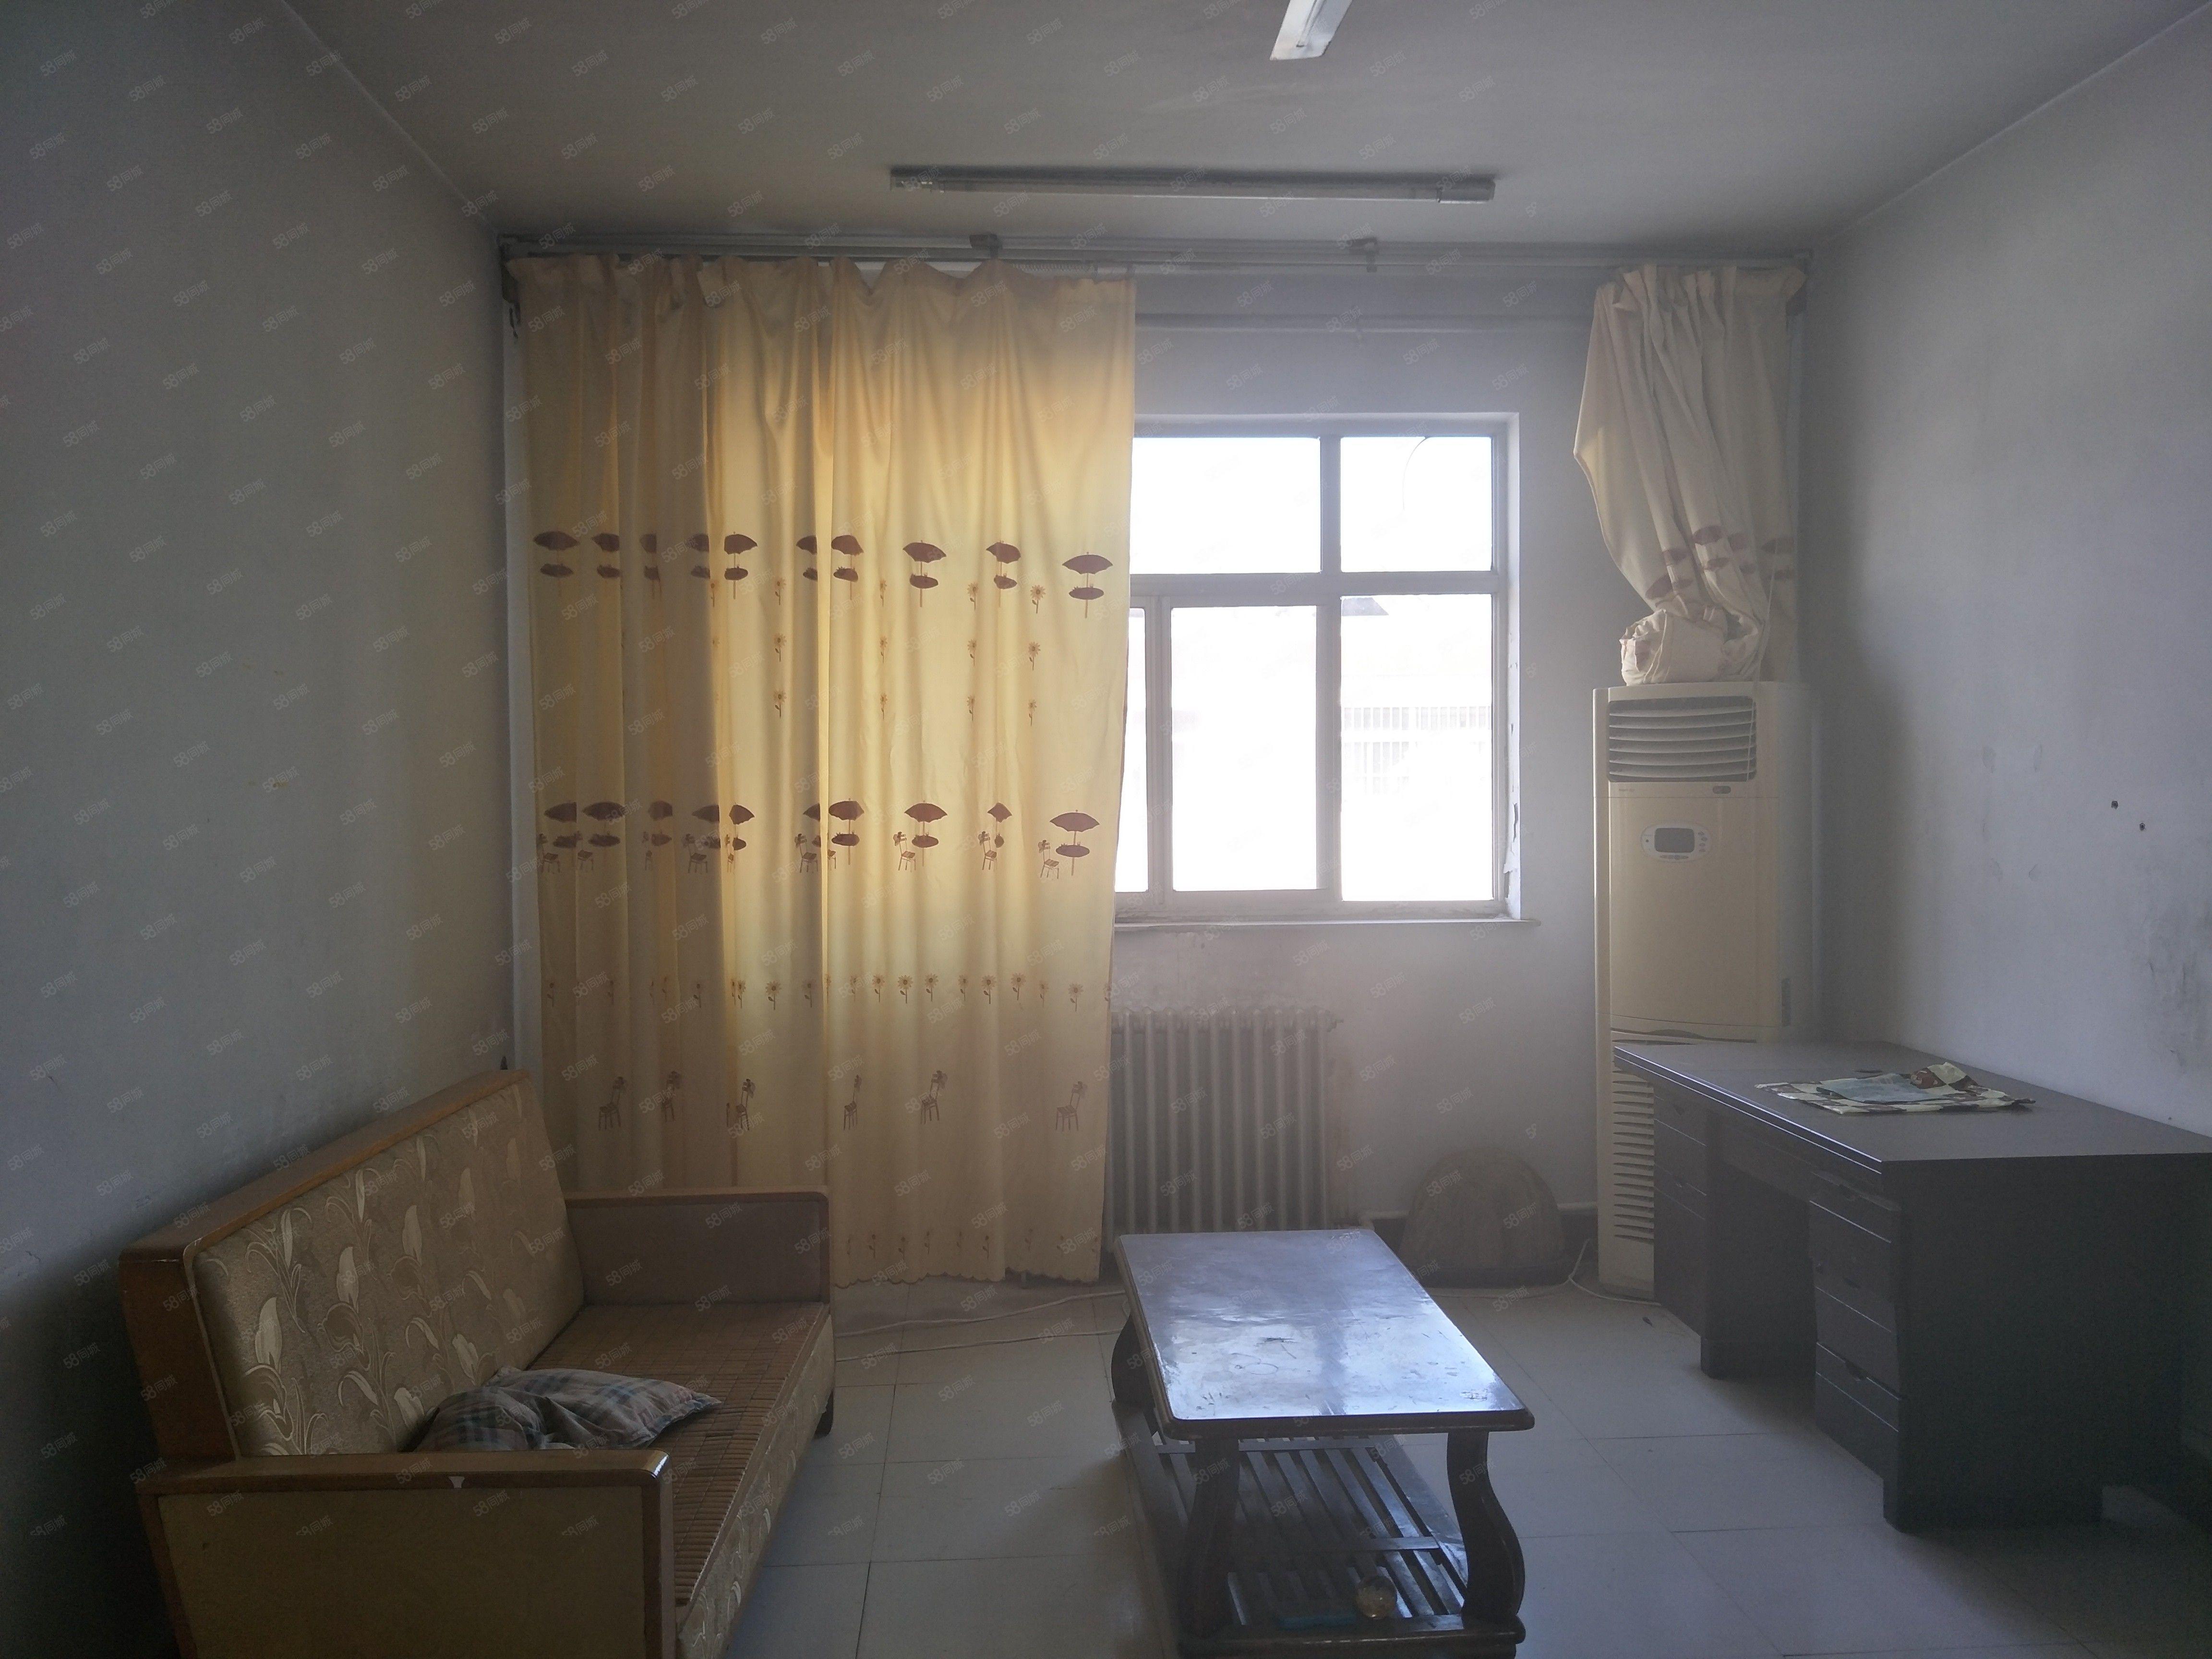 中愿路电业局家属院,有暖气无物业费,9000/年,三台空调